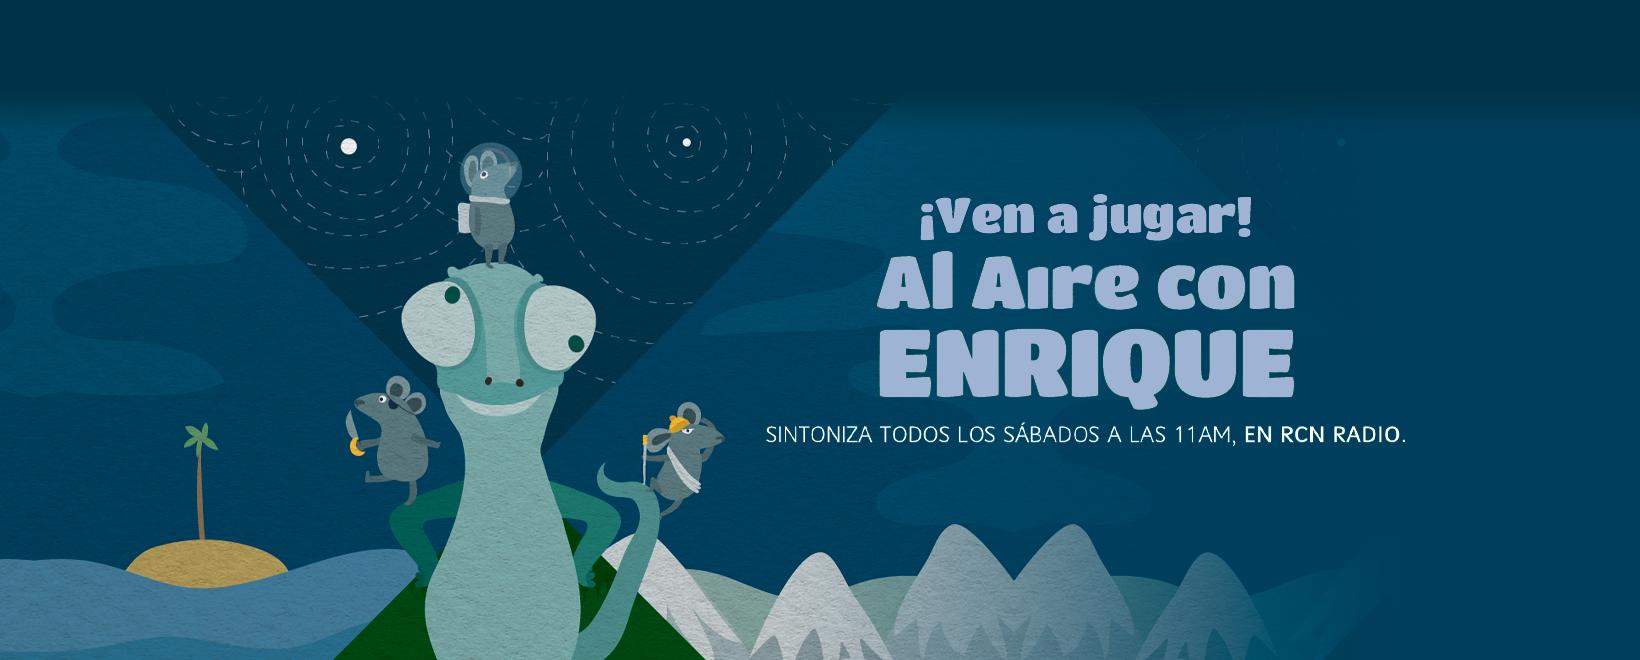 Al aire con Enrique- Capítulo 8: ¡Ven a jugar!